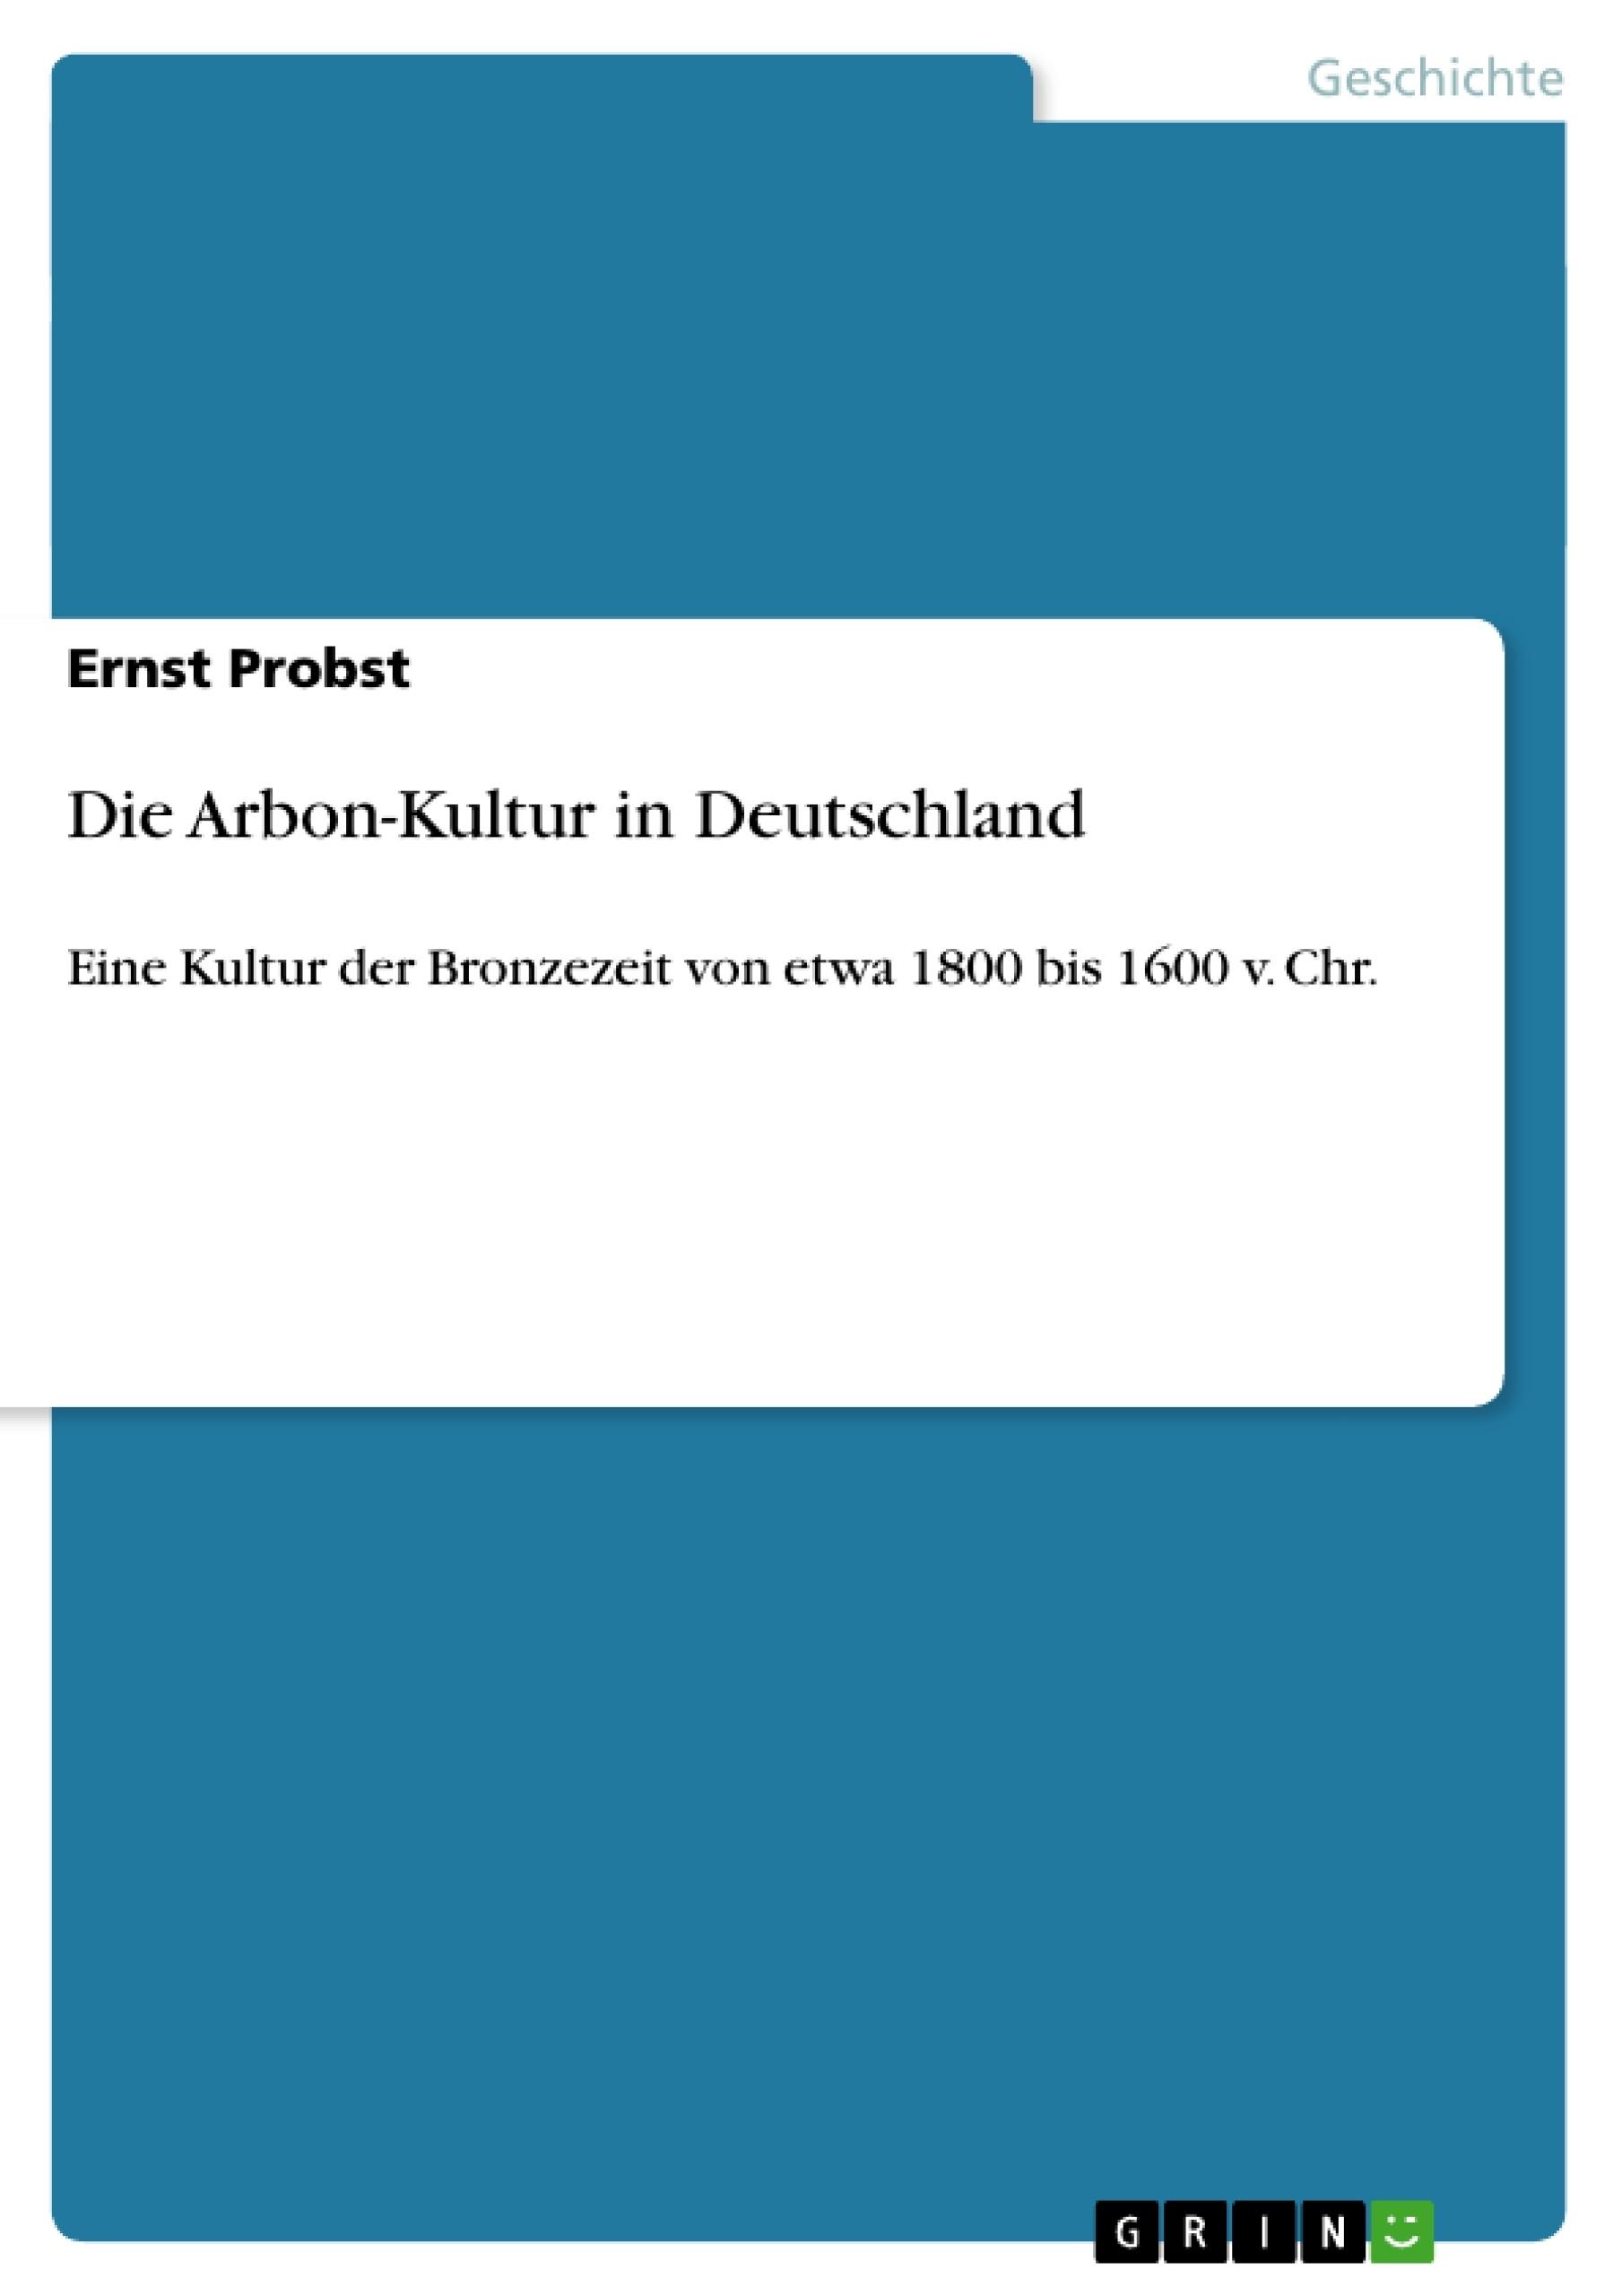 Titel: Die Arbon-Kultur in Deutschland